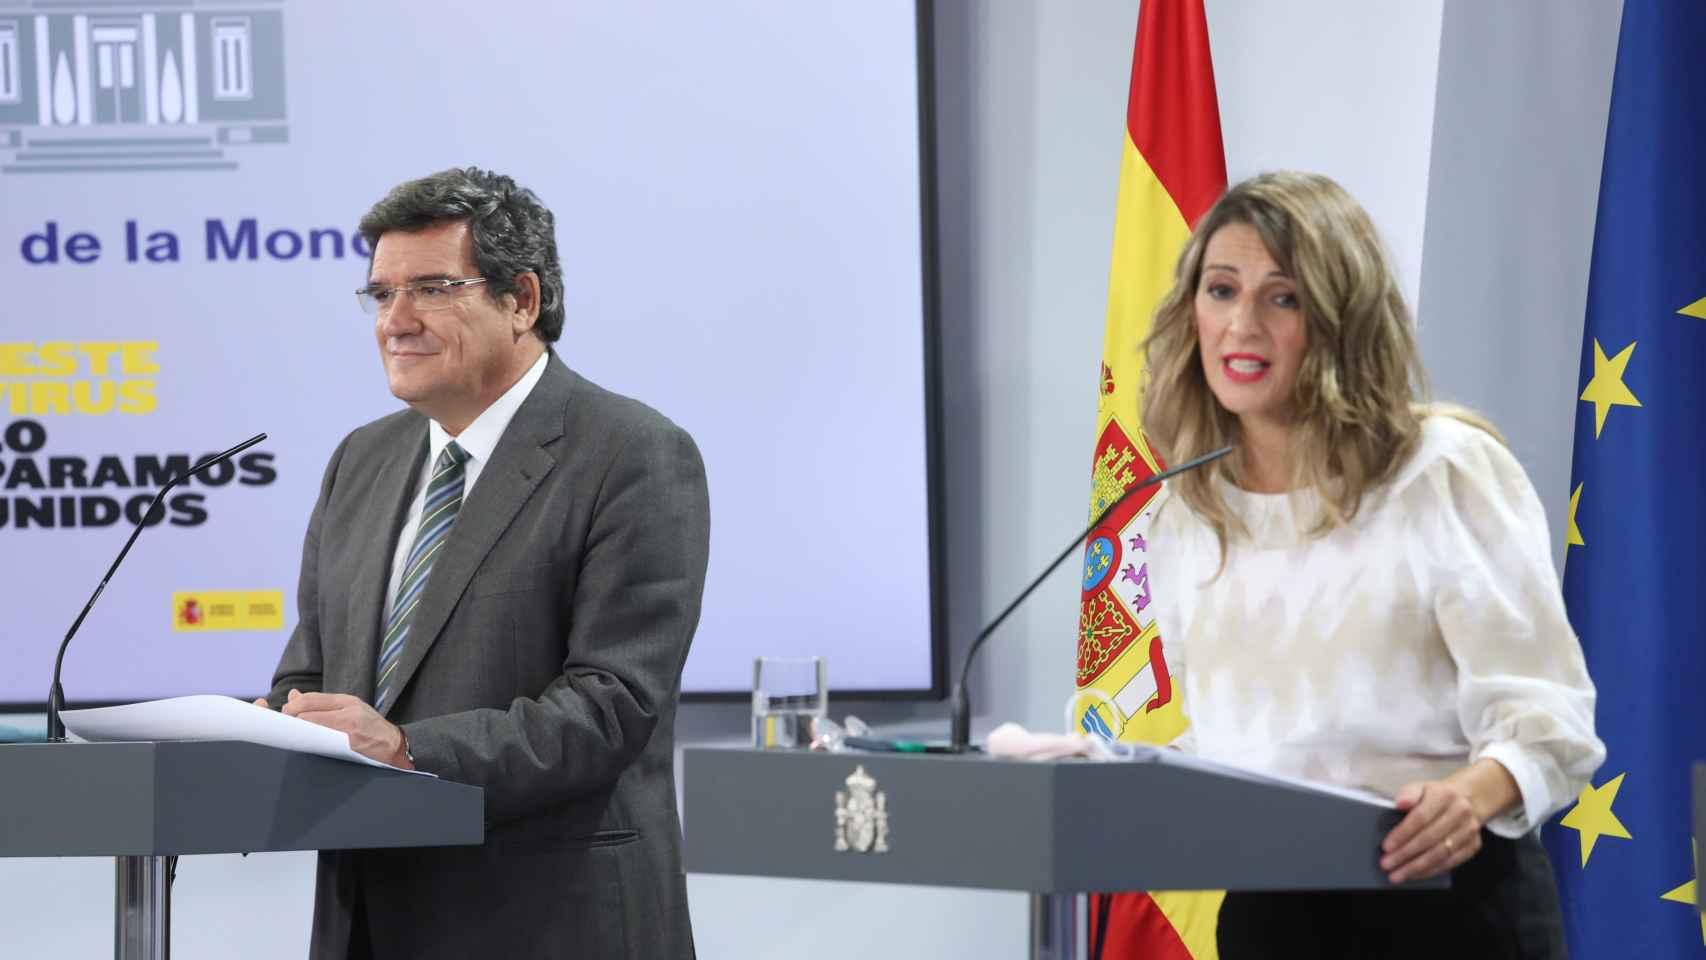 José Luis Escrivá, ministro de Inclusión, Seguridad Social y Migraciones, y Yolnda Díaz, ministra de Trabajo y Economía Social.